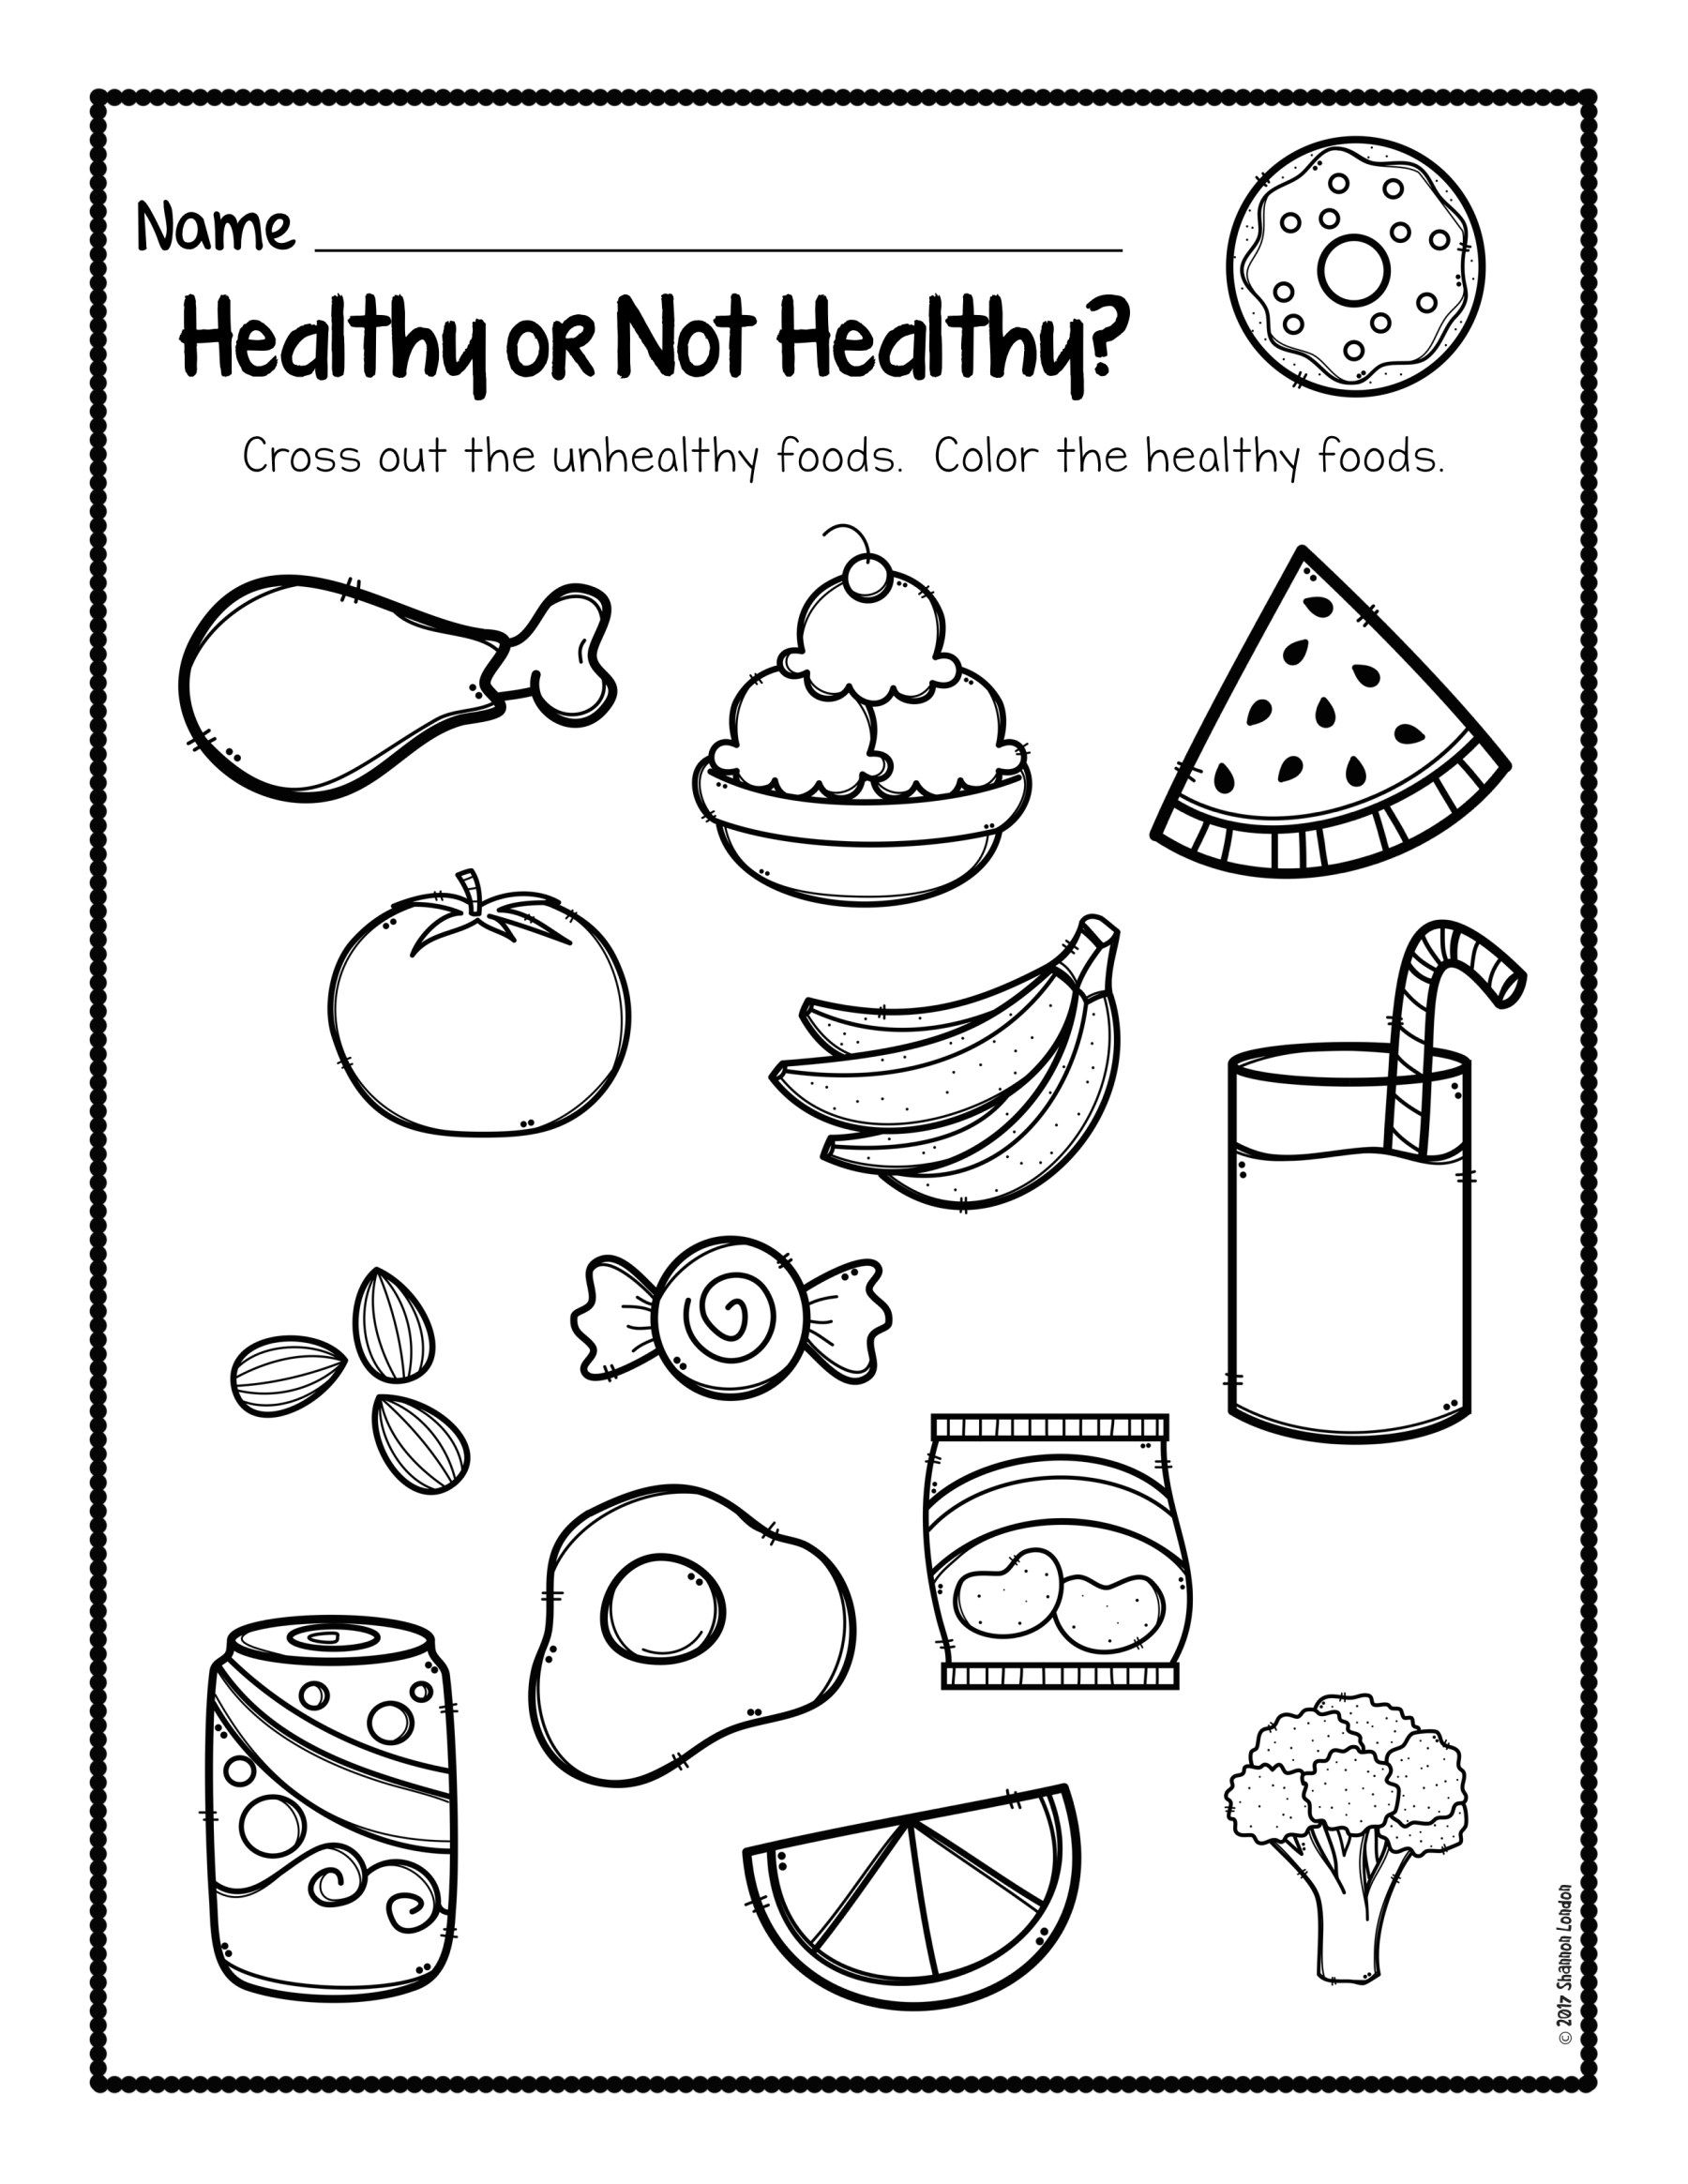 Healthy Foods Worksheet Free Download Healthy Habits For Kids Kindergarten Social Studies Social Studies Worksheets [ 2329 x 1800 Pixel ]